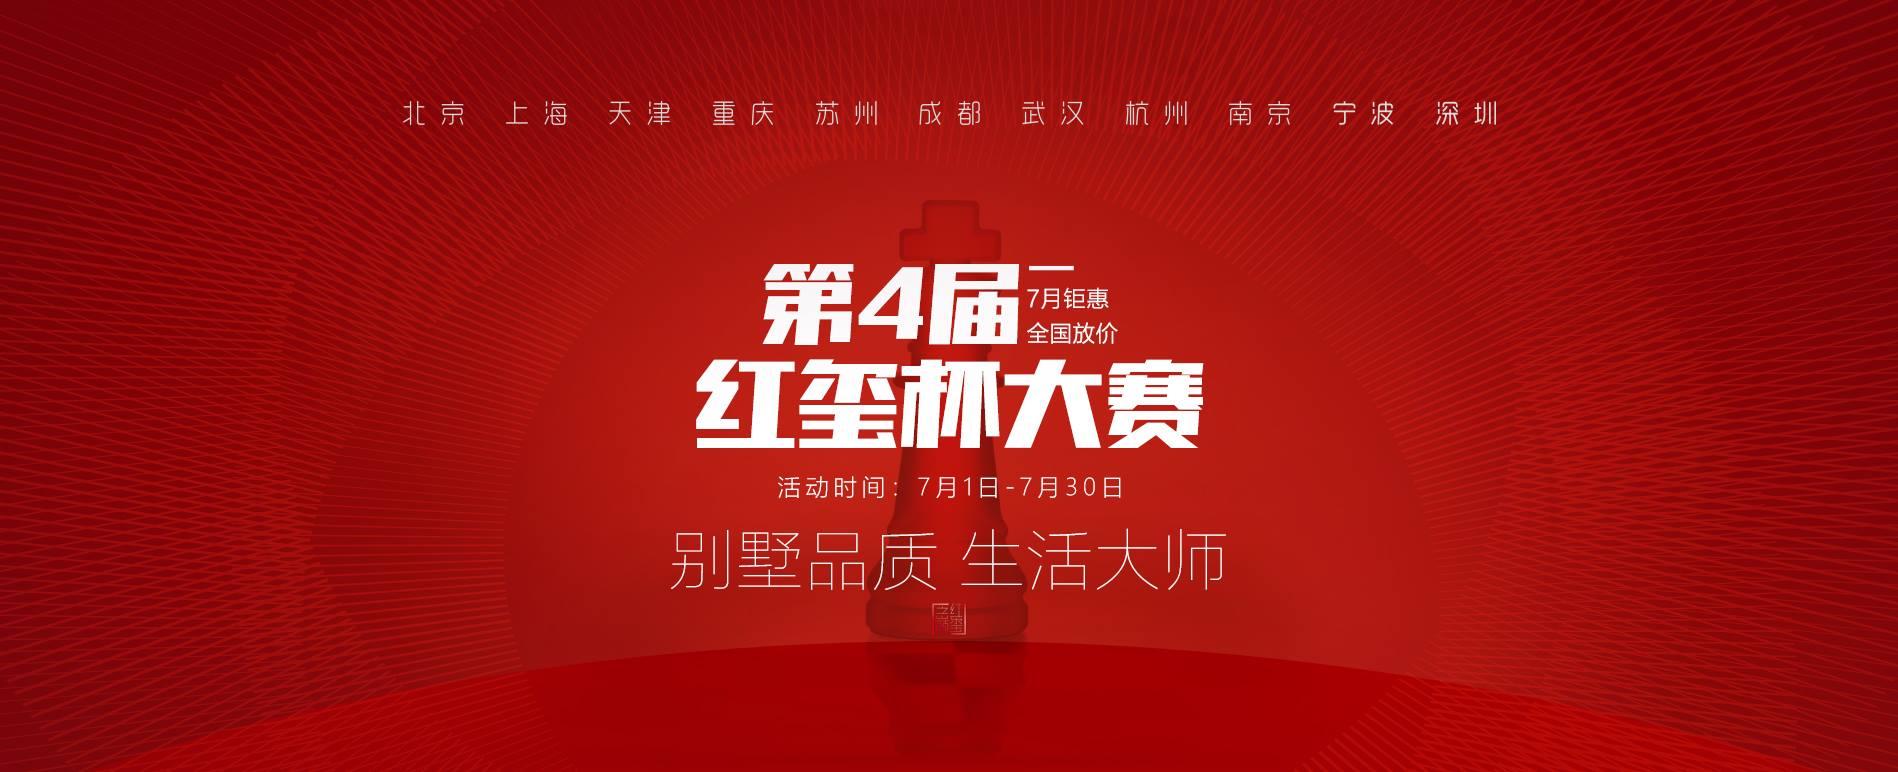 2018红玺杯-杭州尚层别墅装修设计